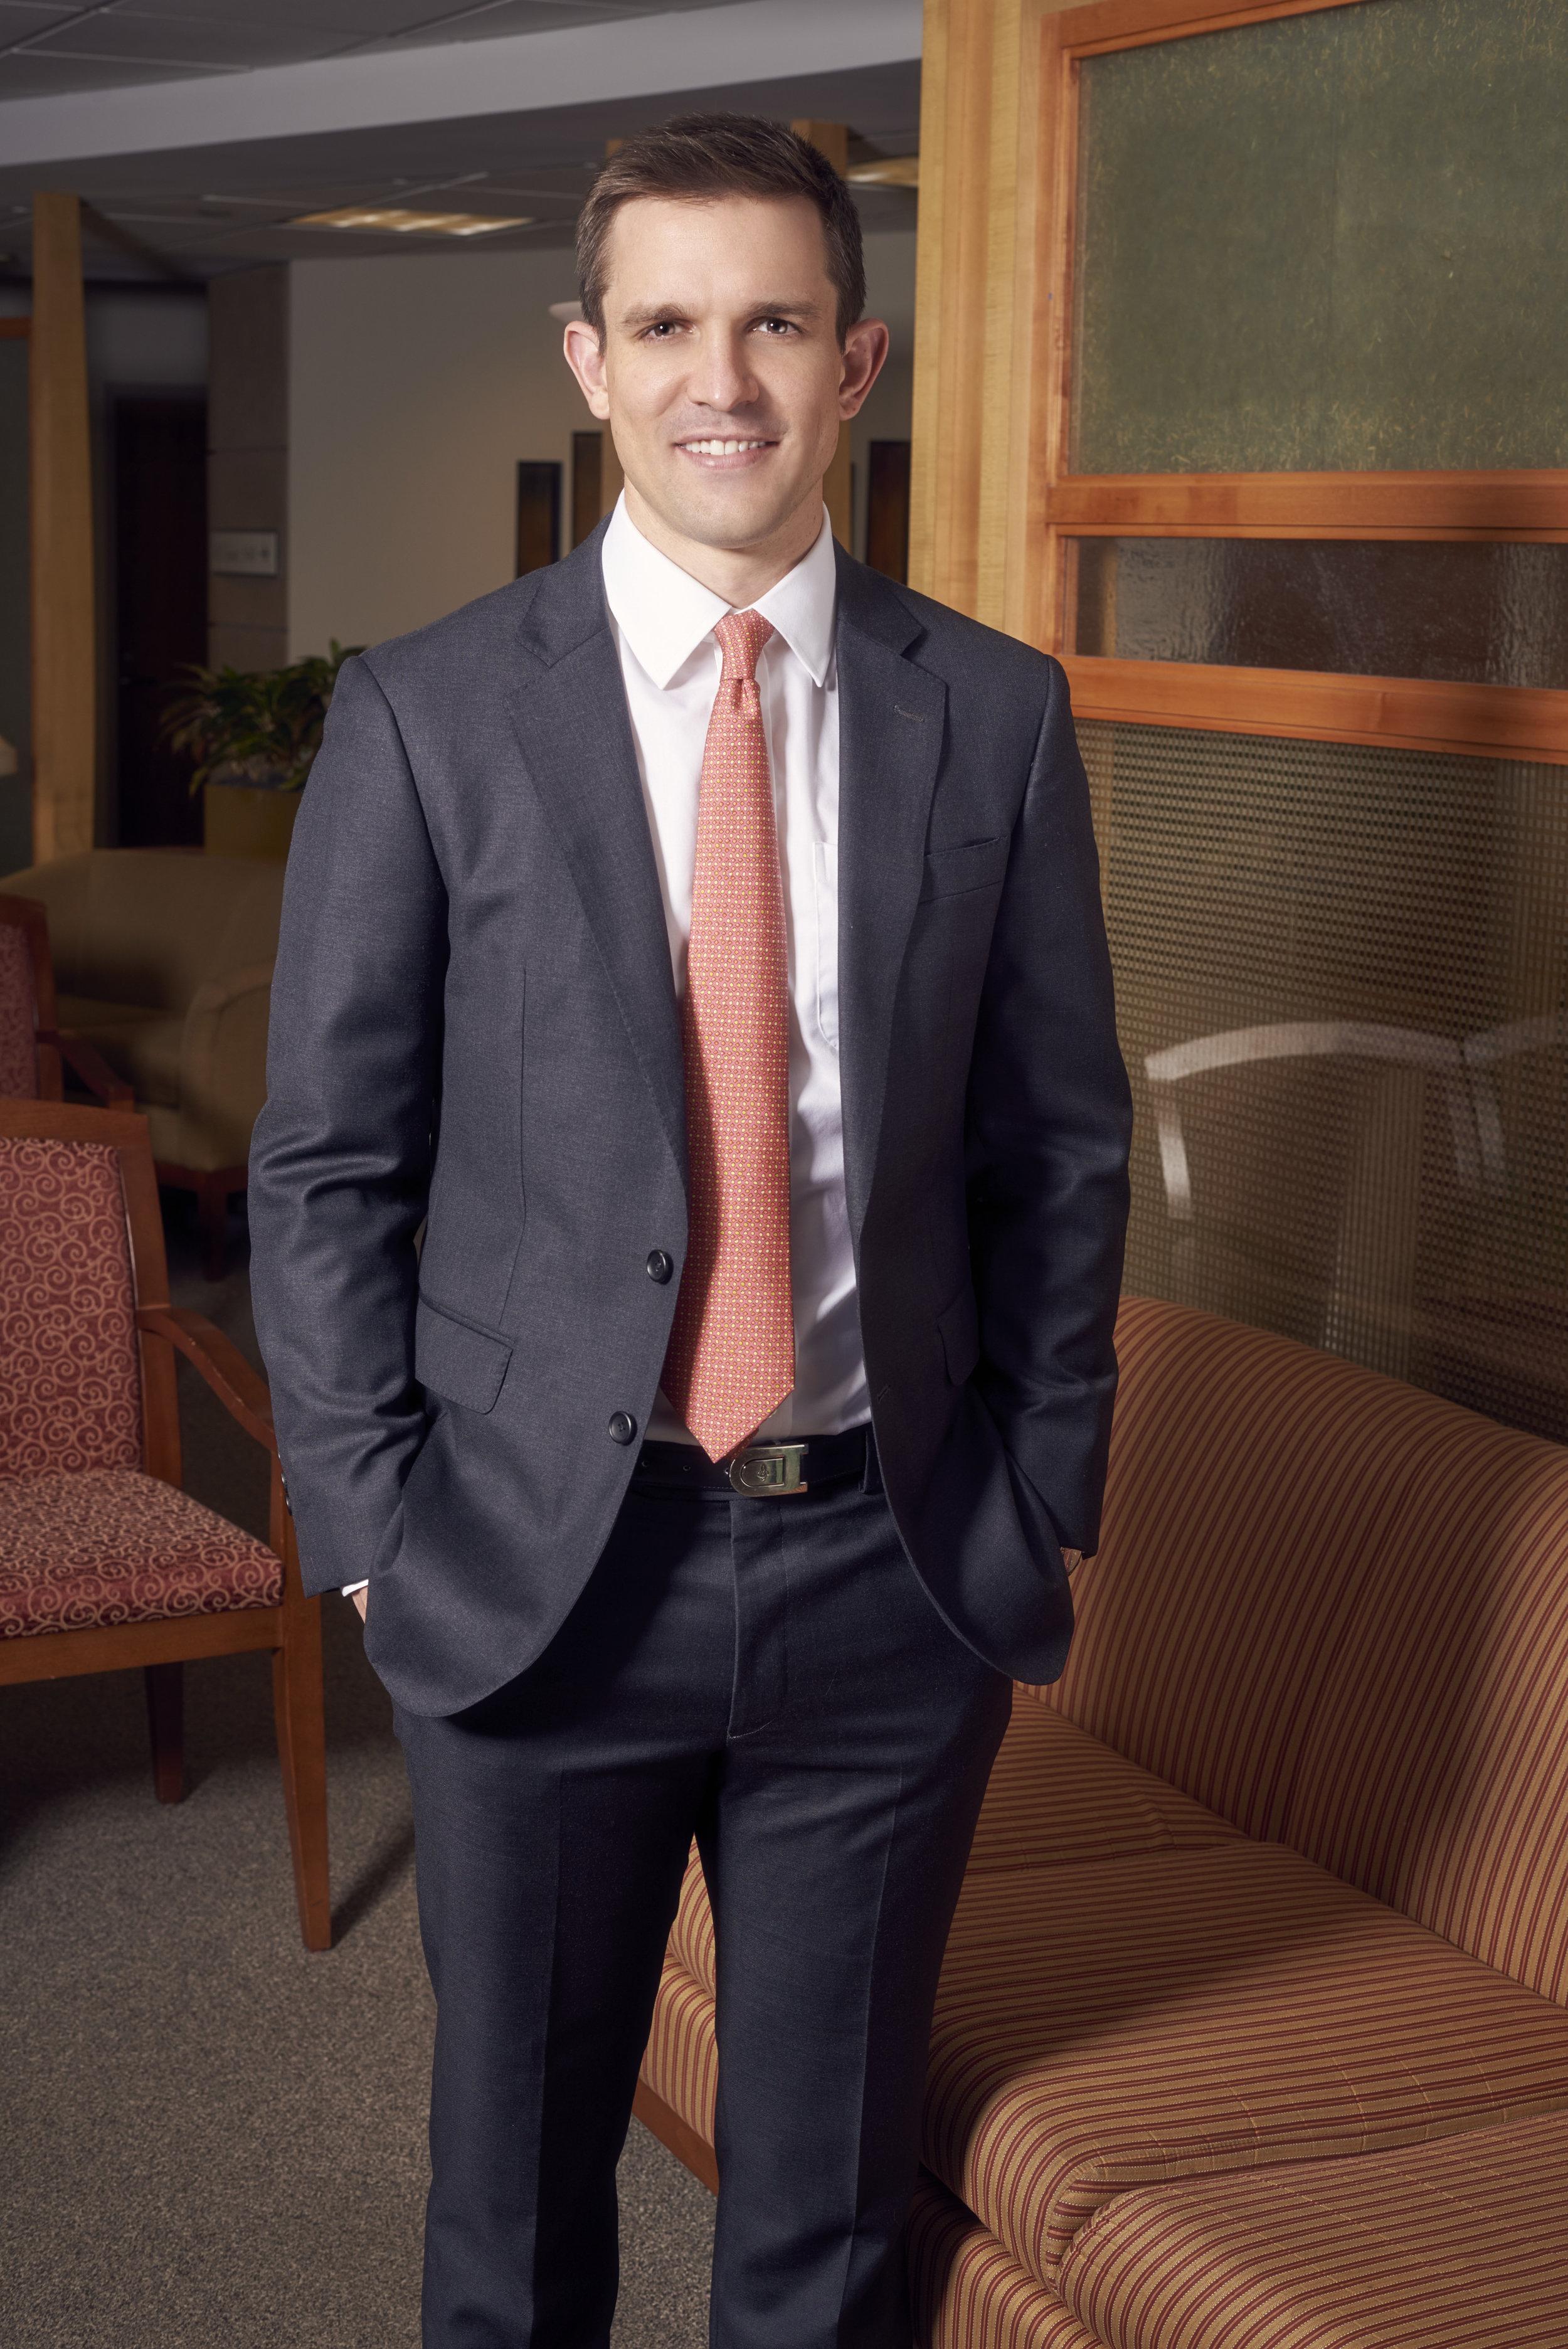 Brett Raynor MD